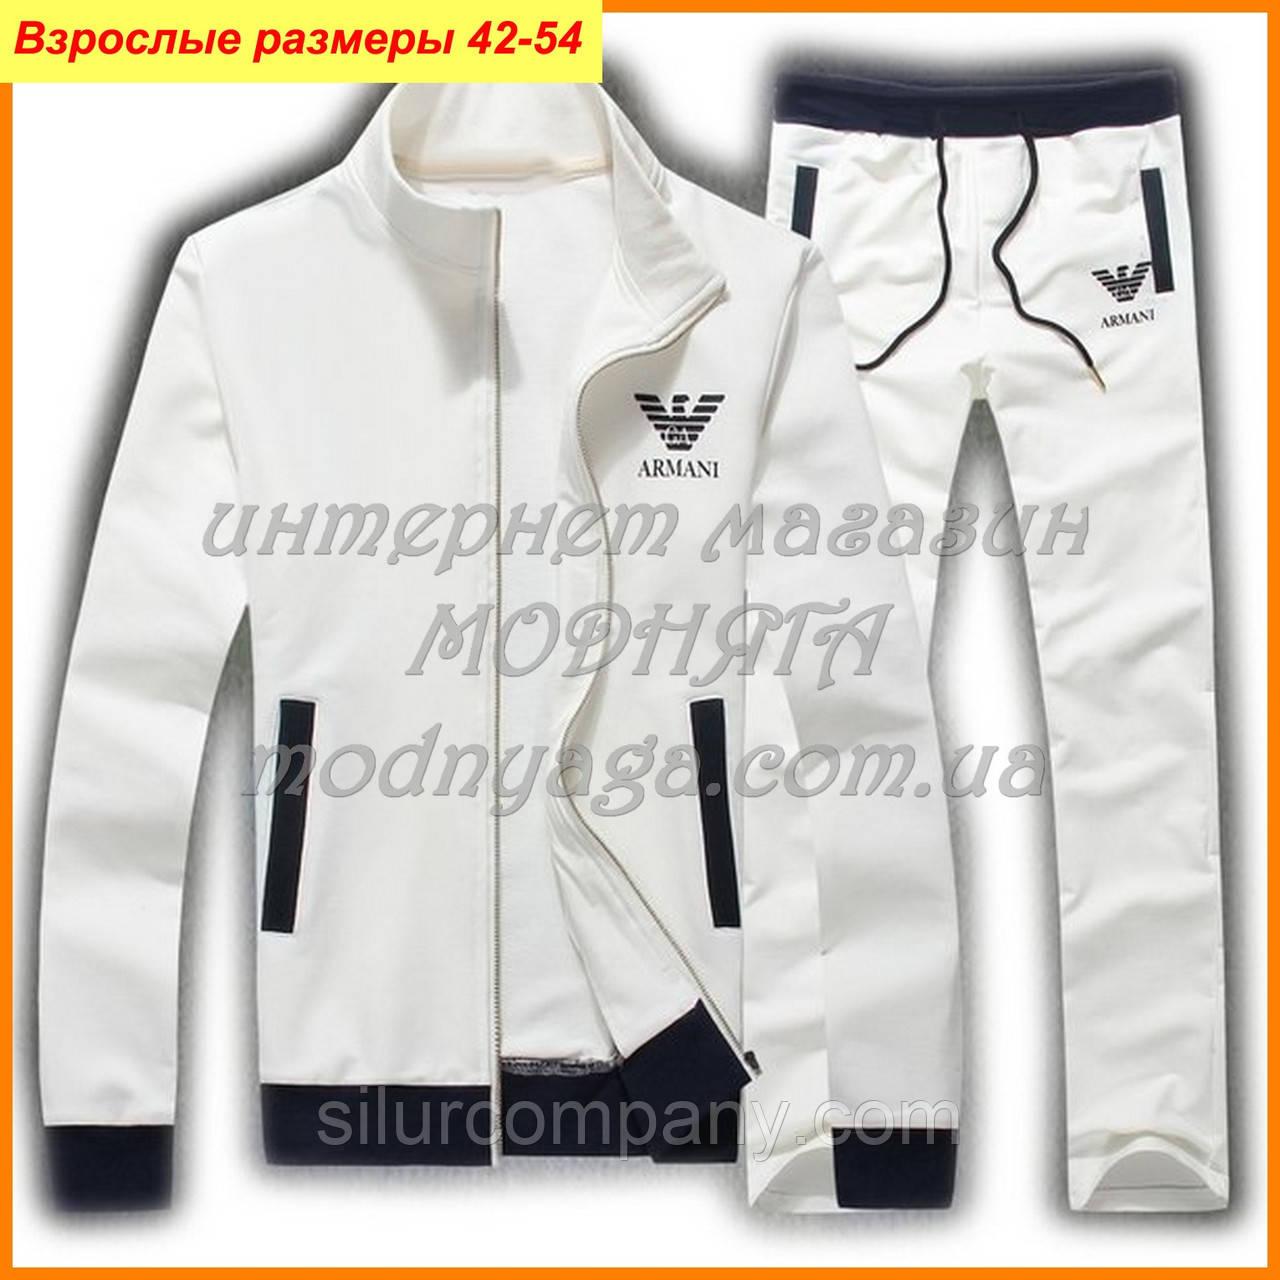 2a05d029 Спортивные костюмы Armani - мужские интернет магазин недорого - Интернет  магазин